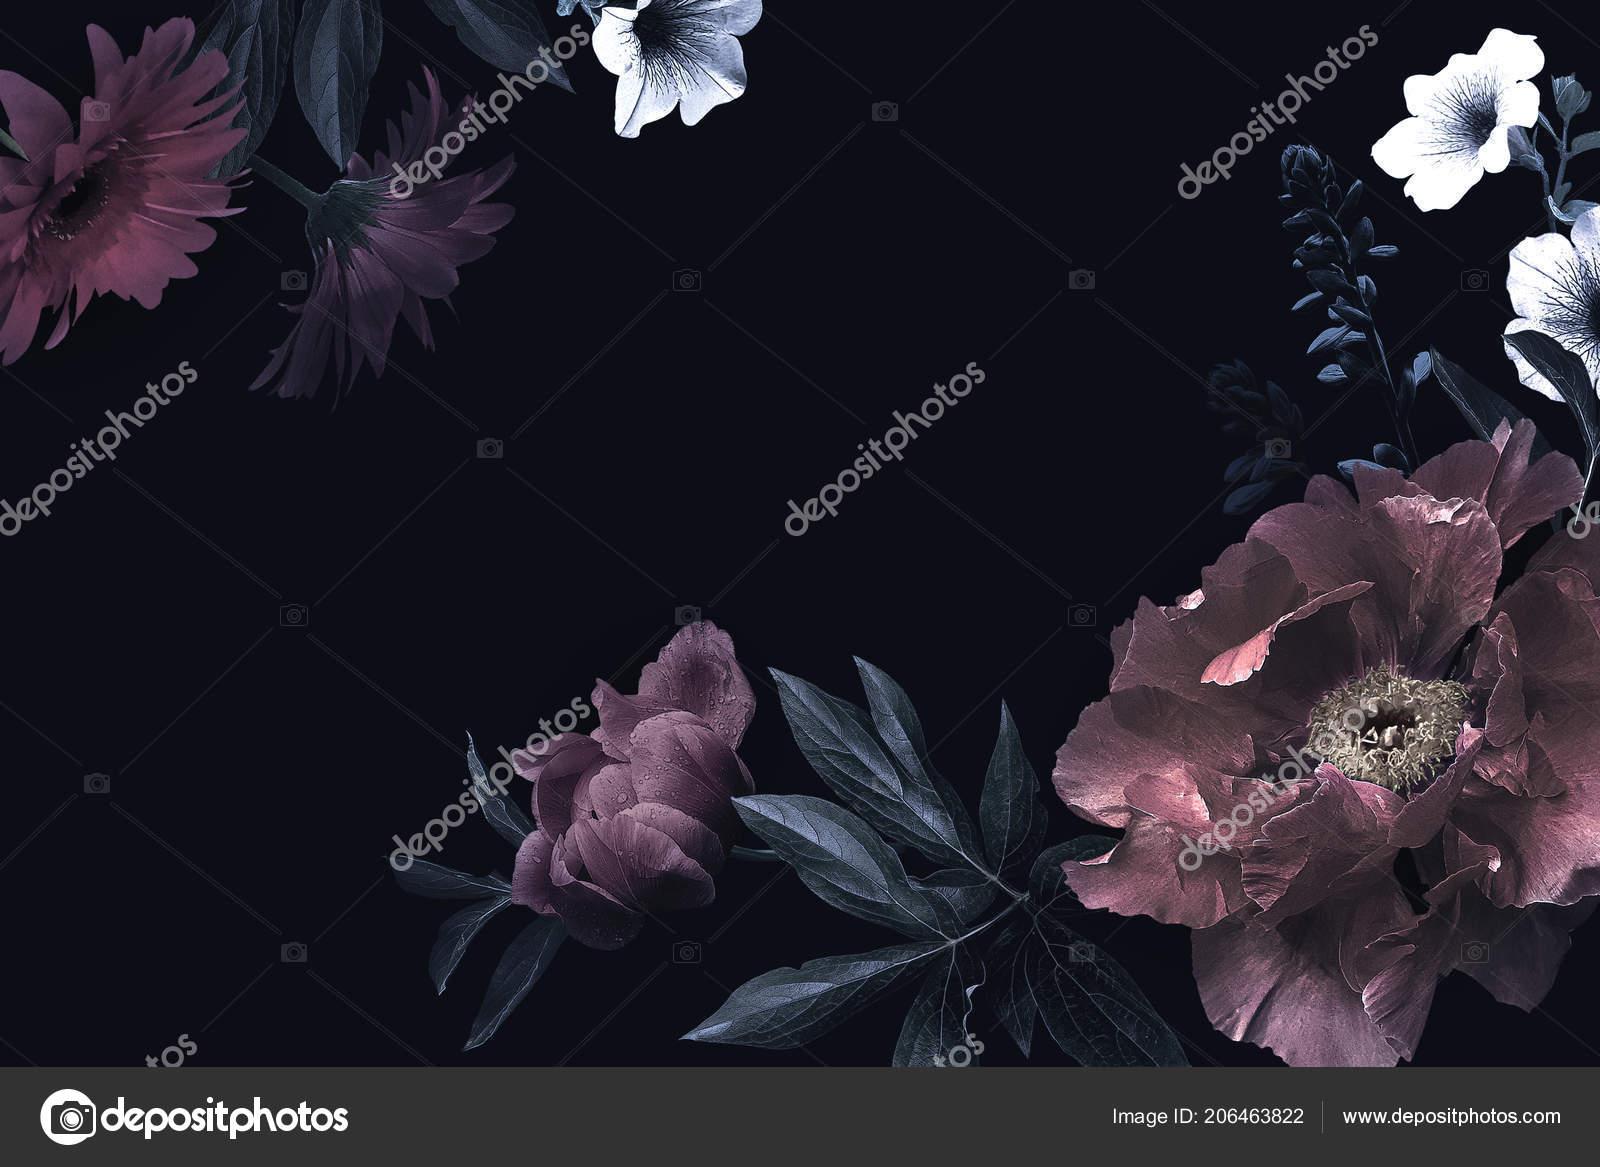 Pivoines Tulipes Lys Hortensia Sur Fond Noir Modele Pour La Conception Des Invitations De Mariage Voeux Carte Visite Emballage Decoration